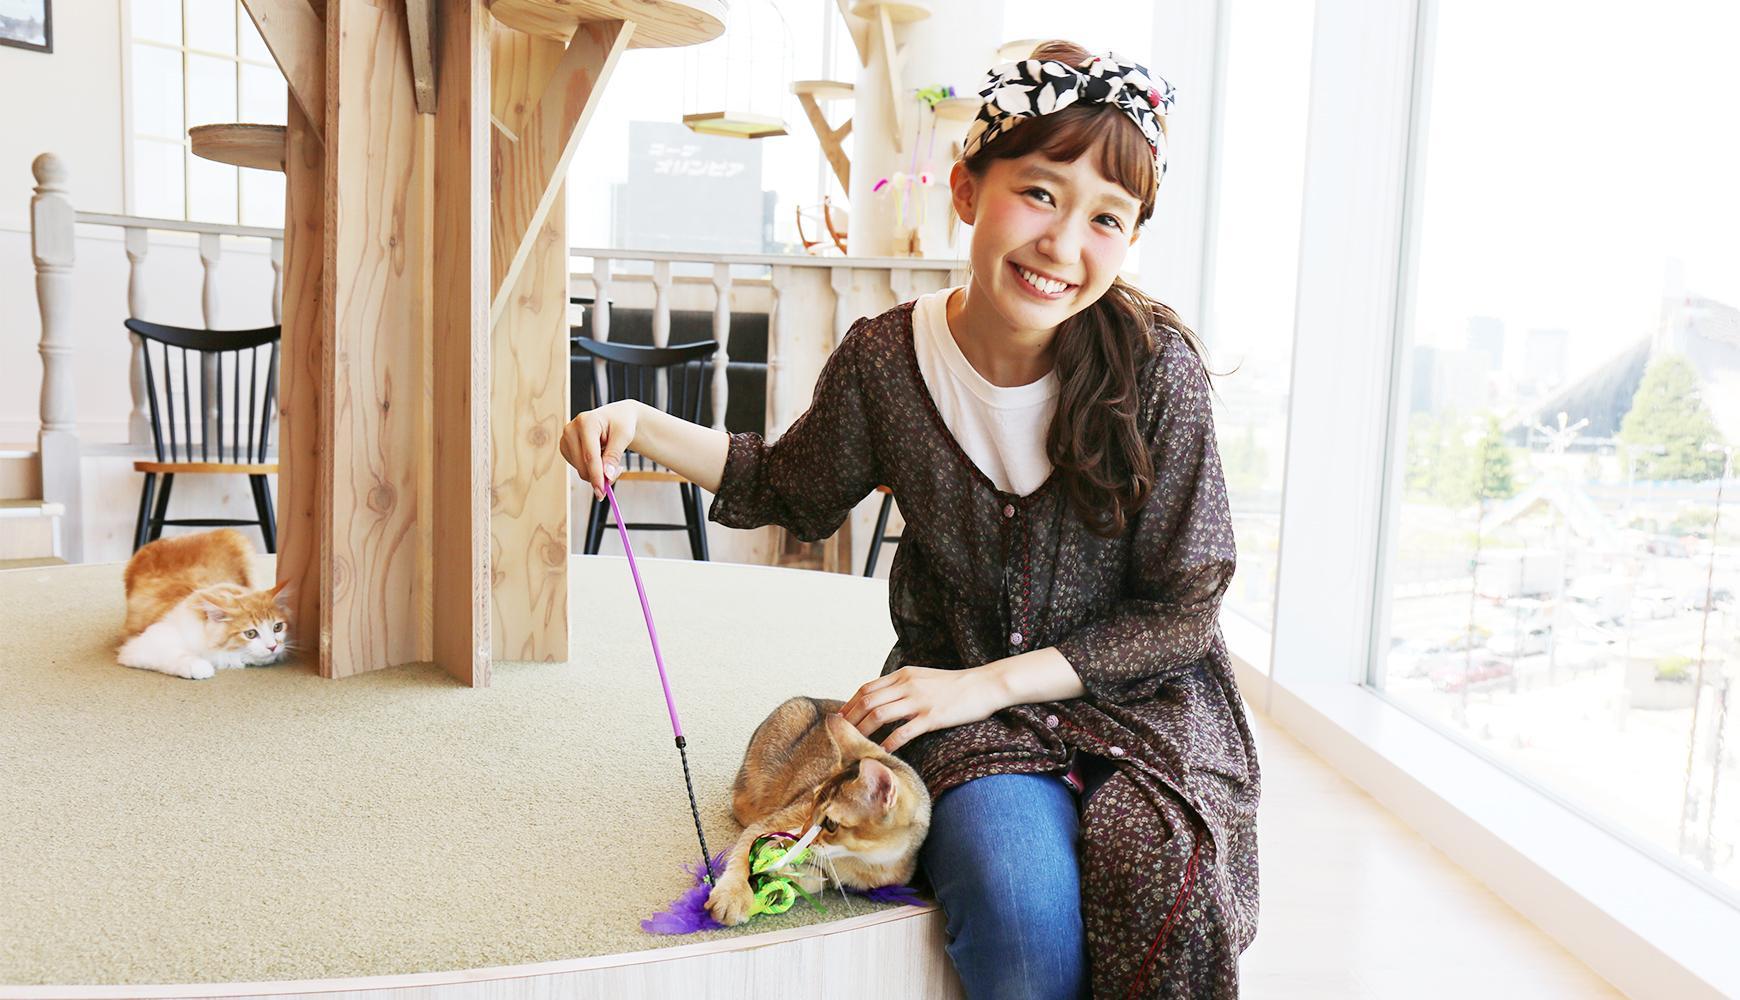 原宿で猫に癒やさされる♡ 話題の猫カフェ「MoCHA」にしばさきが潜入